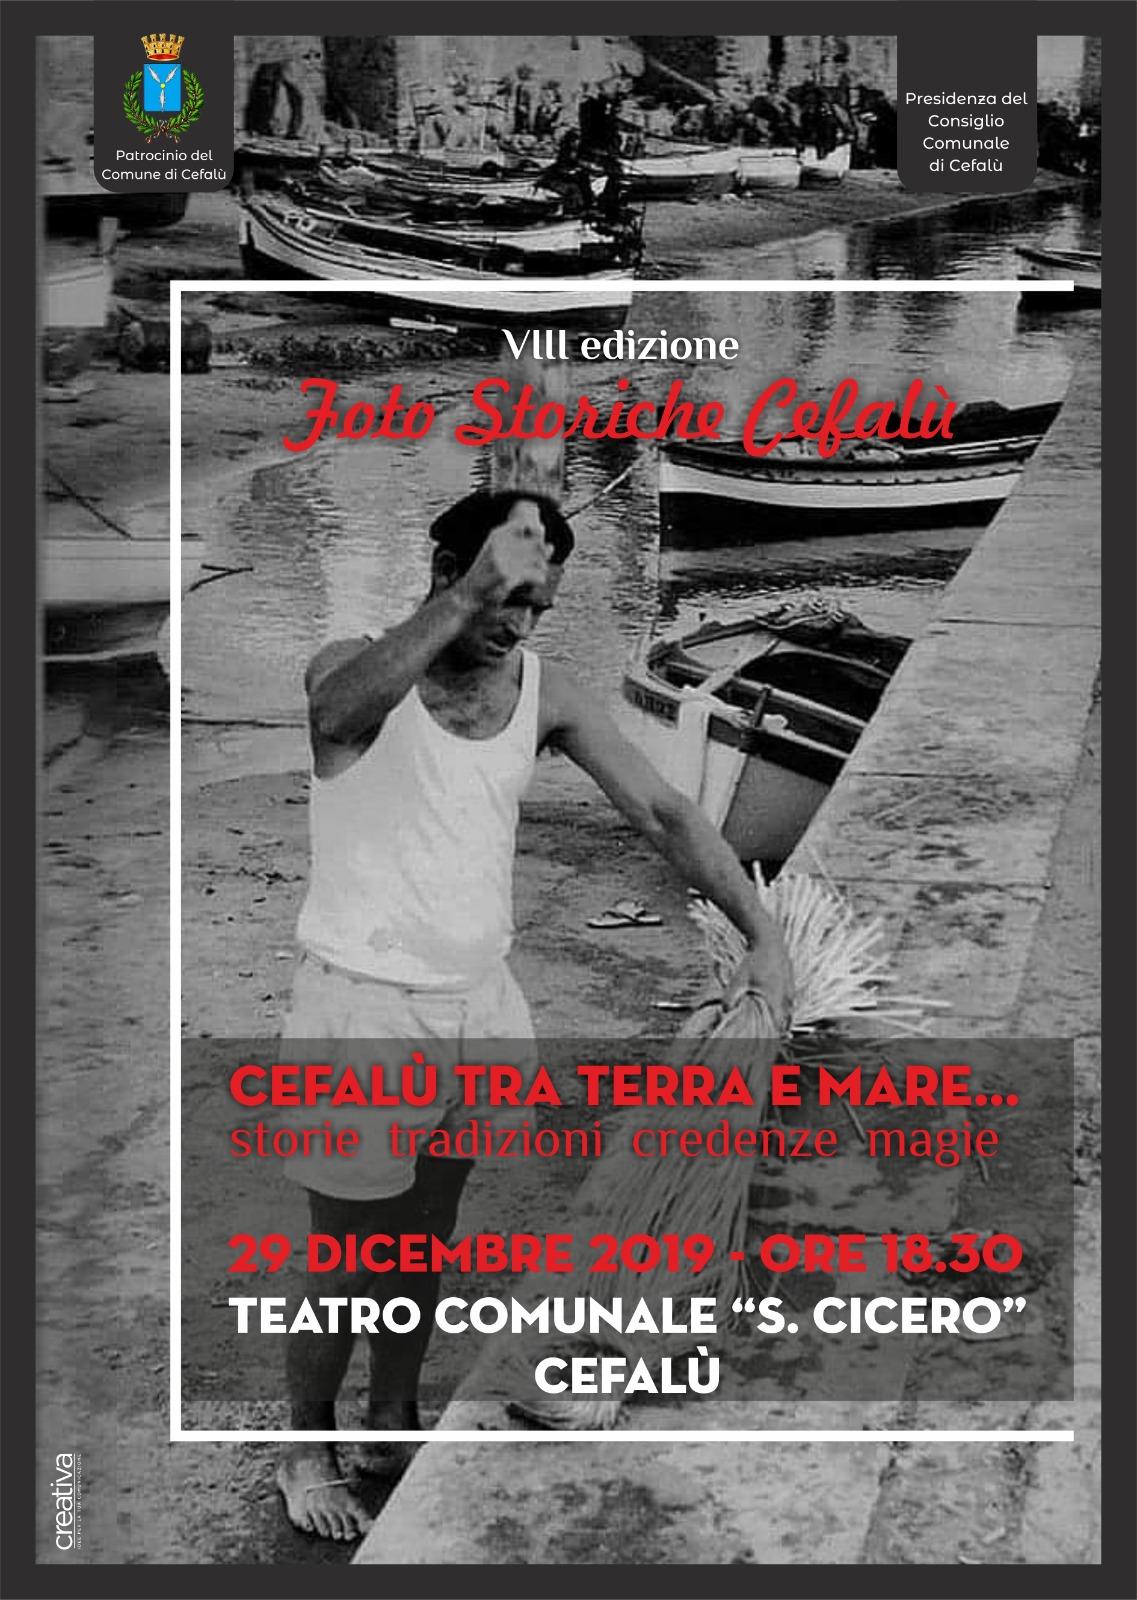 Foto storiche Cefalù, ottava edizione in programma nel fine settimana